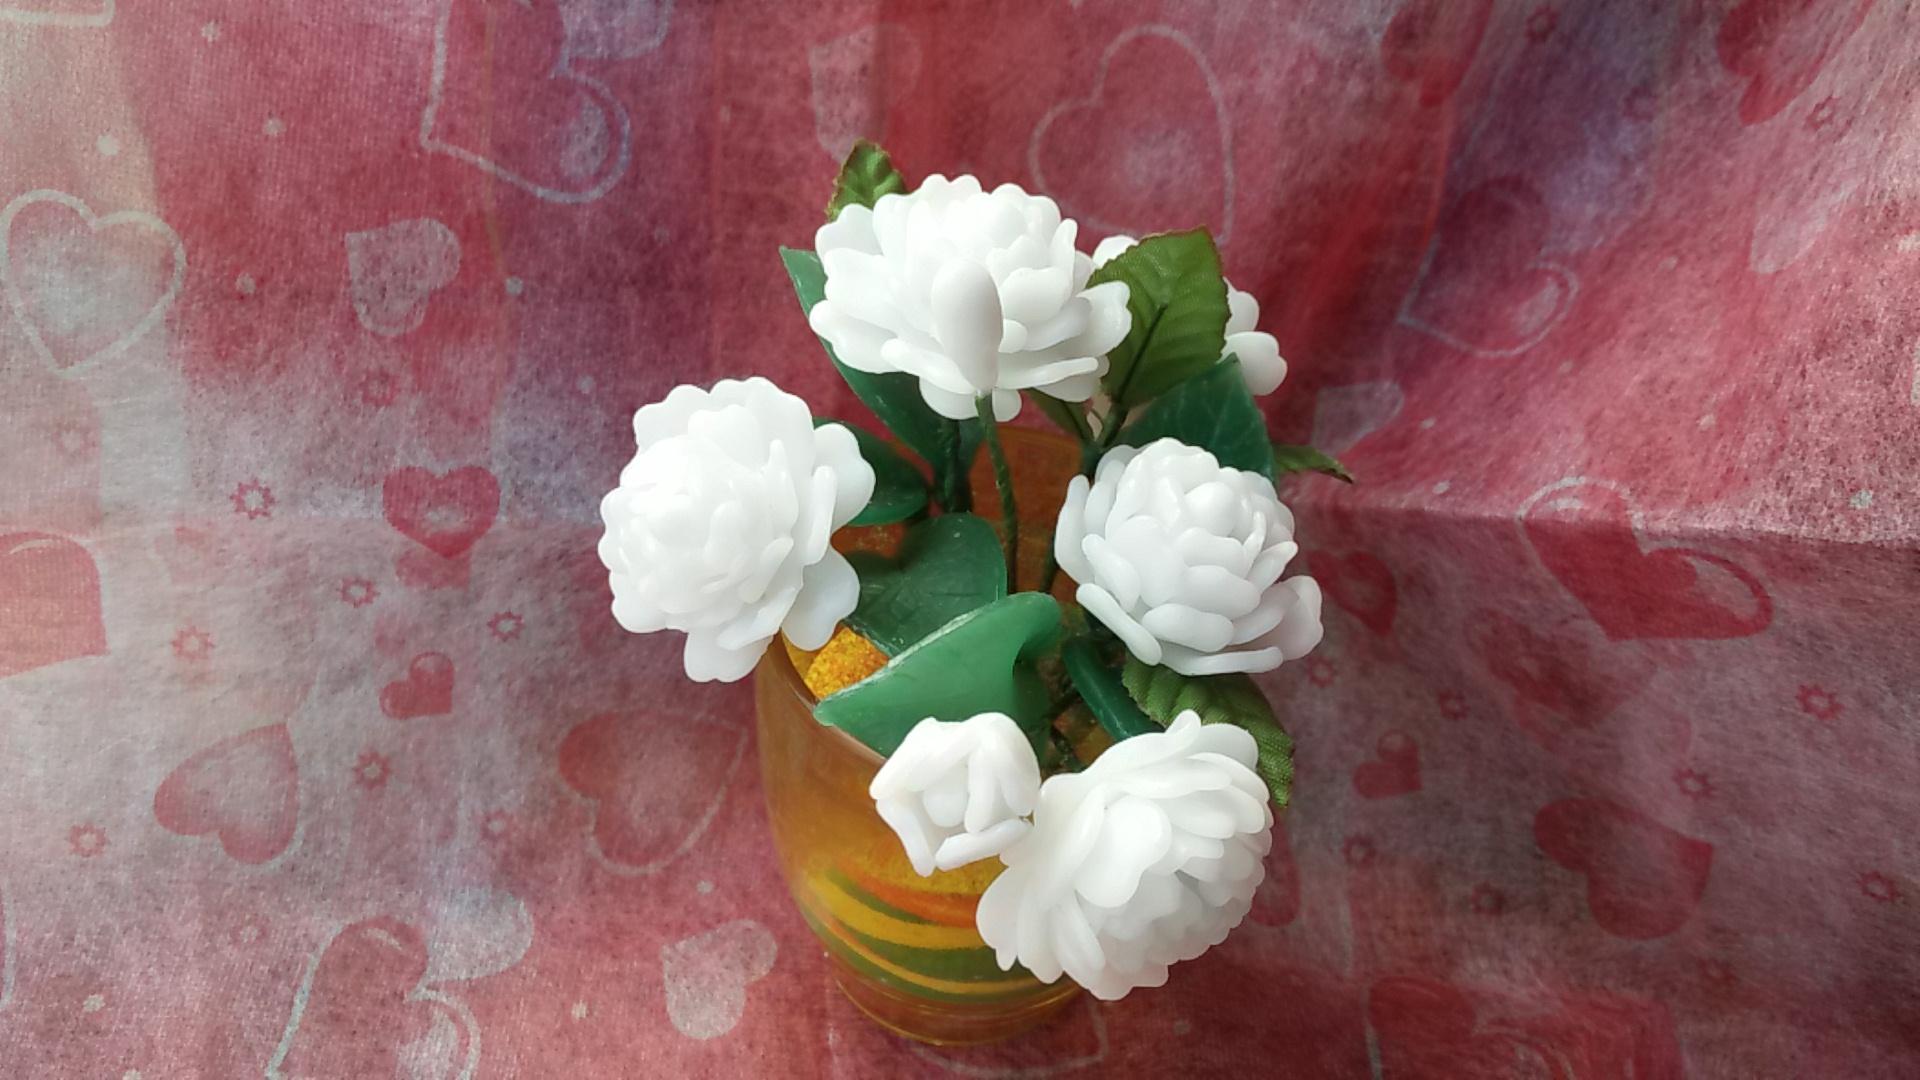 เทียนช่อดอกมะลิในแก้วเหลืองสวย 6 ดอก